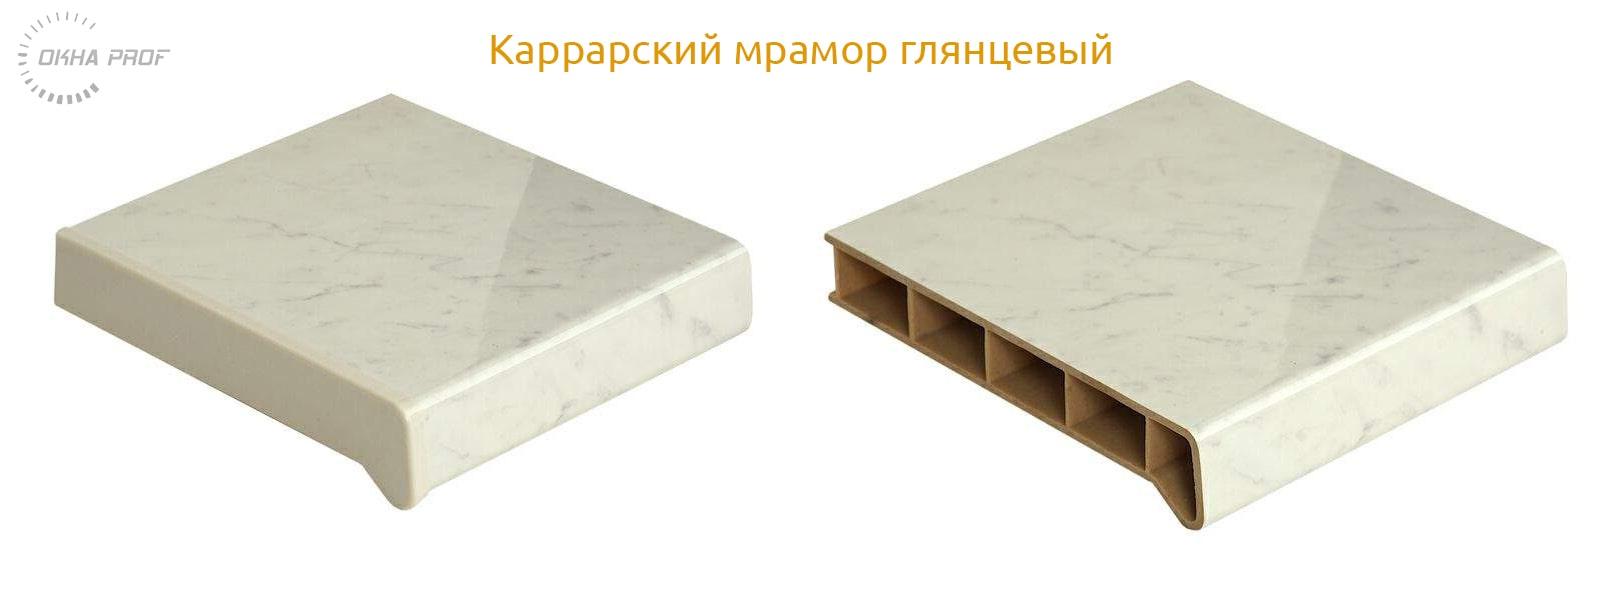 podokonnik-decor-donetsk-oknaprof-moeller-010